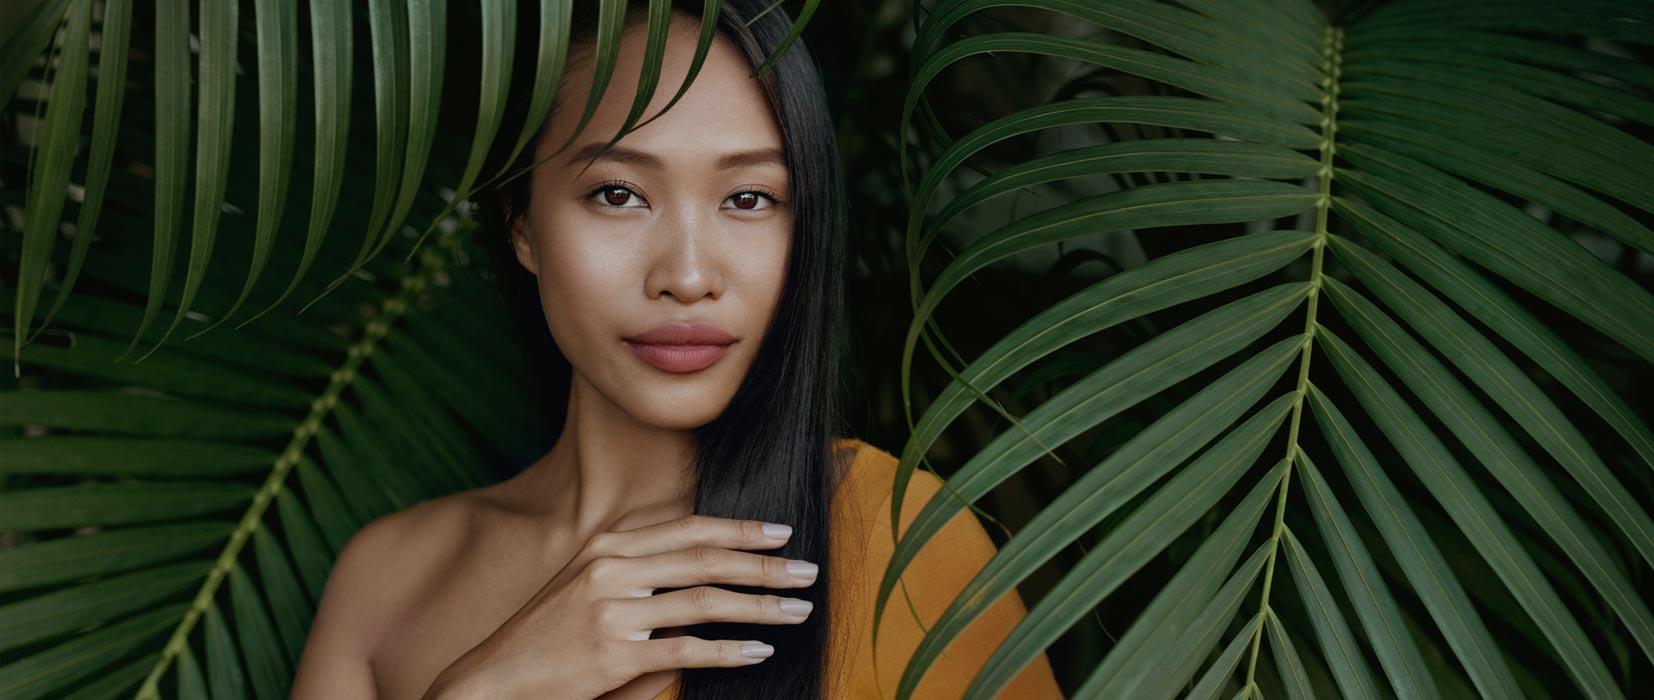 Partnervermittlung Thailand | Finden Sie Ihre Thai Frau